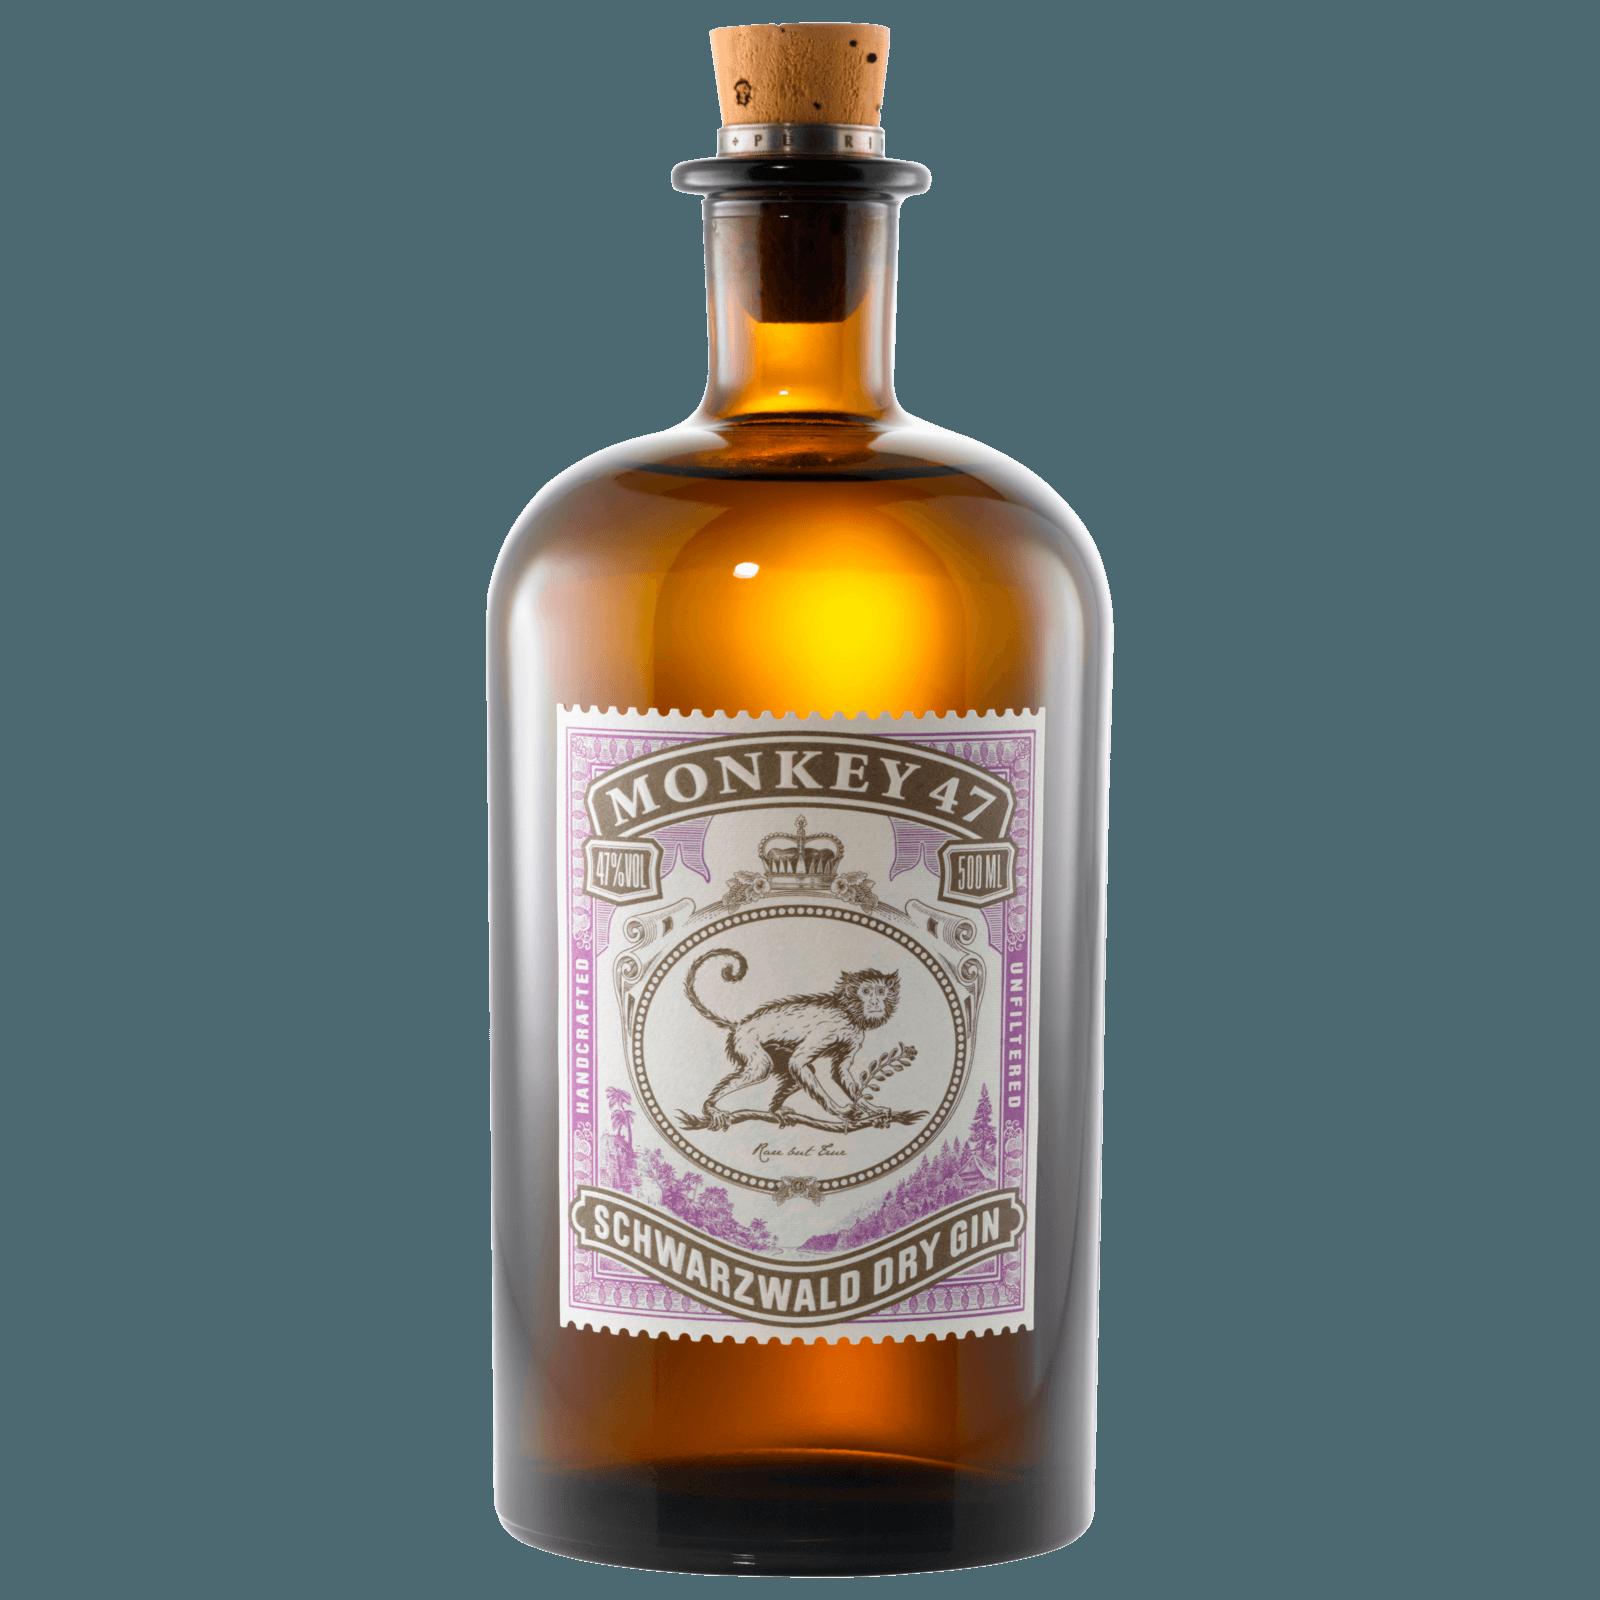 Monkey 47 Schwarzwald Dry Gin 0,5l bei REWE online bestellen!